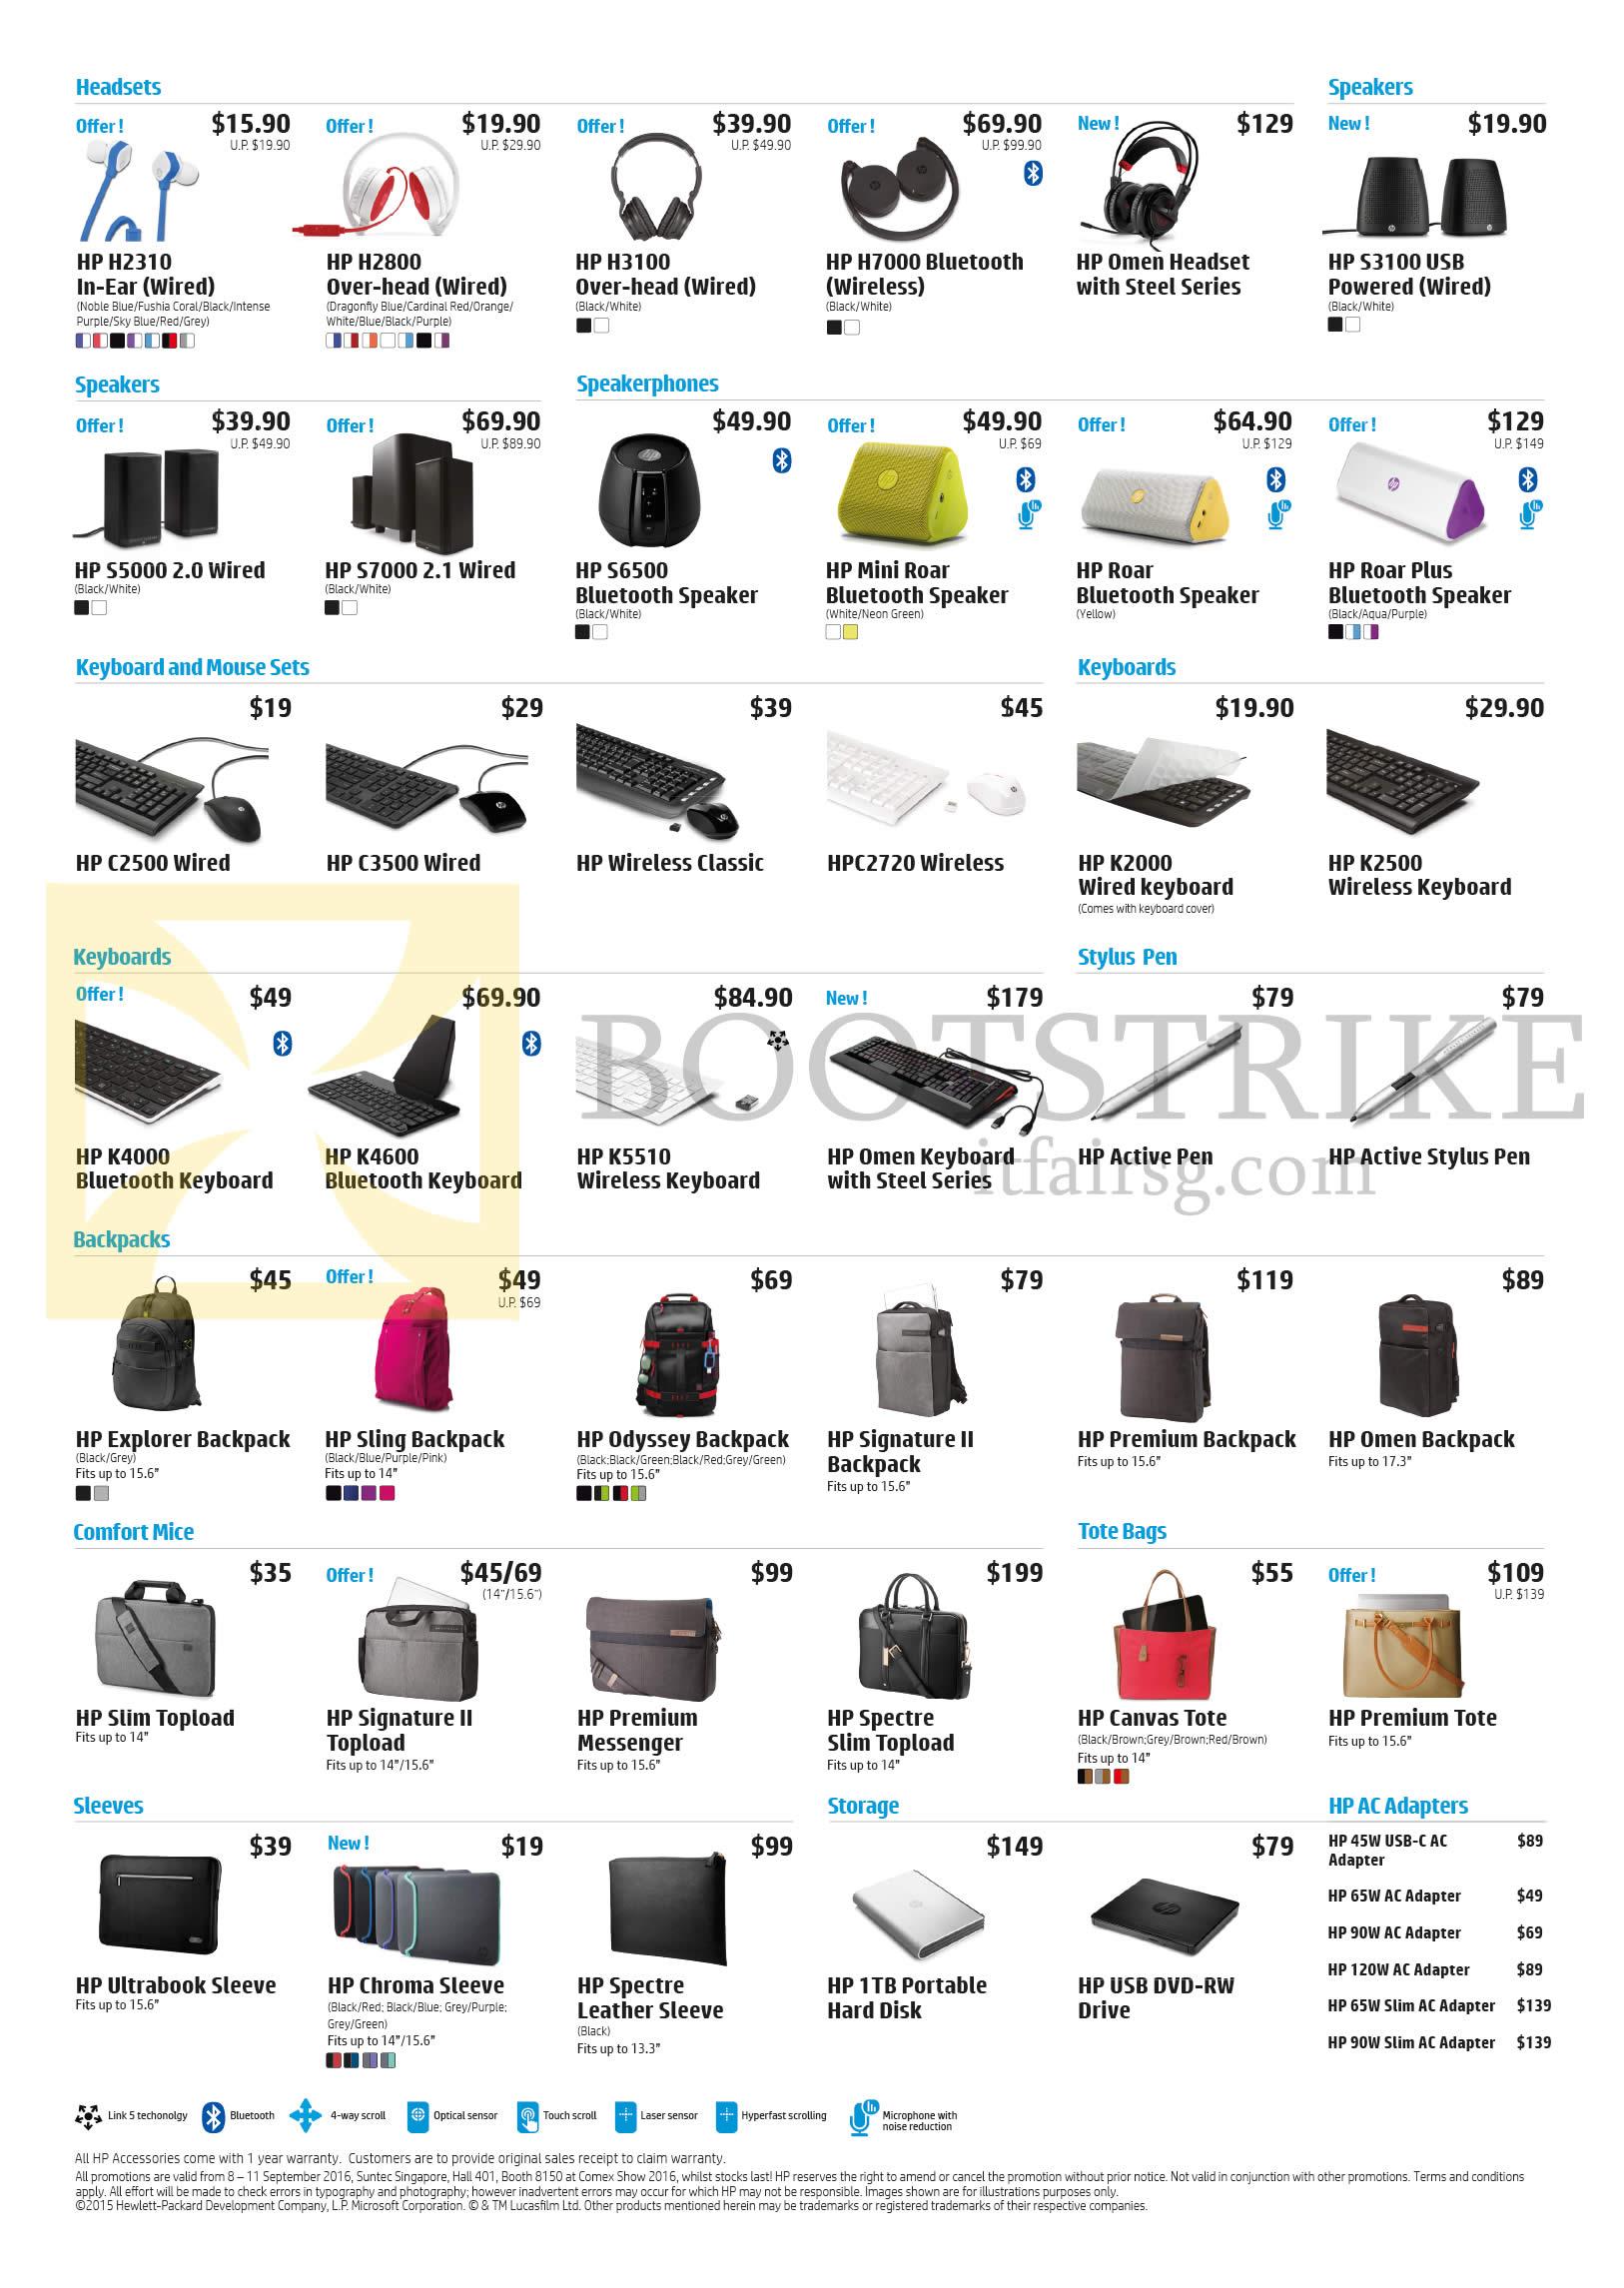 COMEX 2016 price list image brochure of HP Accessories Headsets, Speakers, Speakerphones, Keyboard, Mouse Sets, Stylus Pen, Backpacks, Sleeves, Storage, AC Adapters